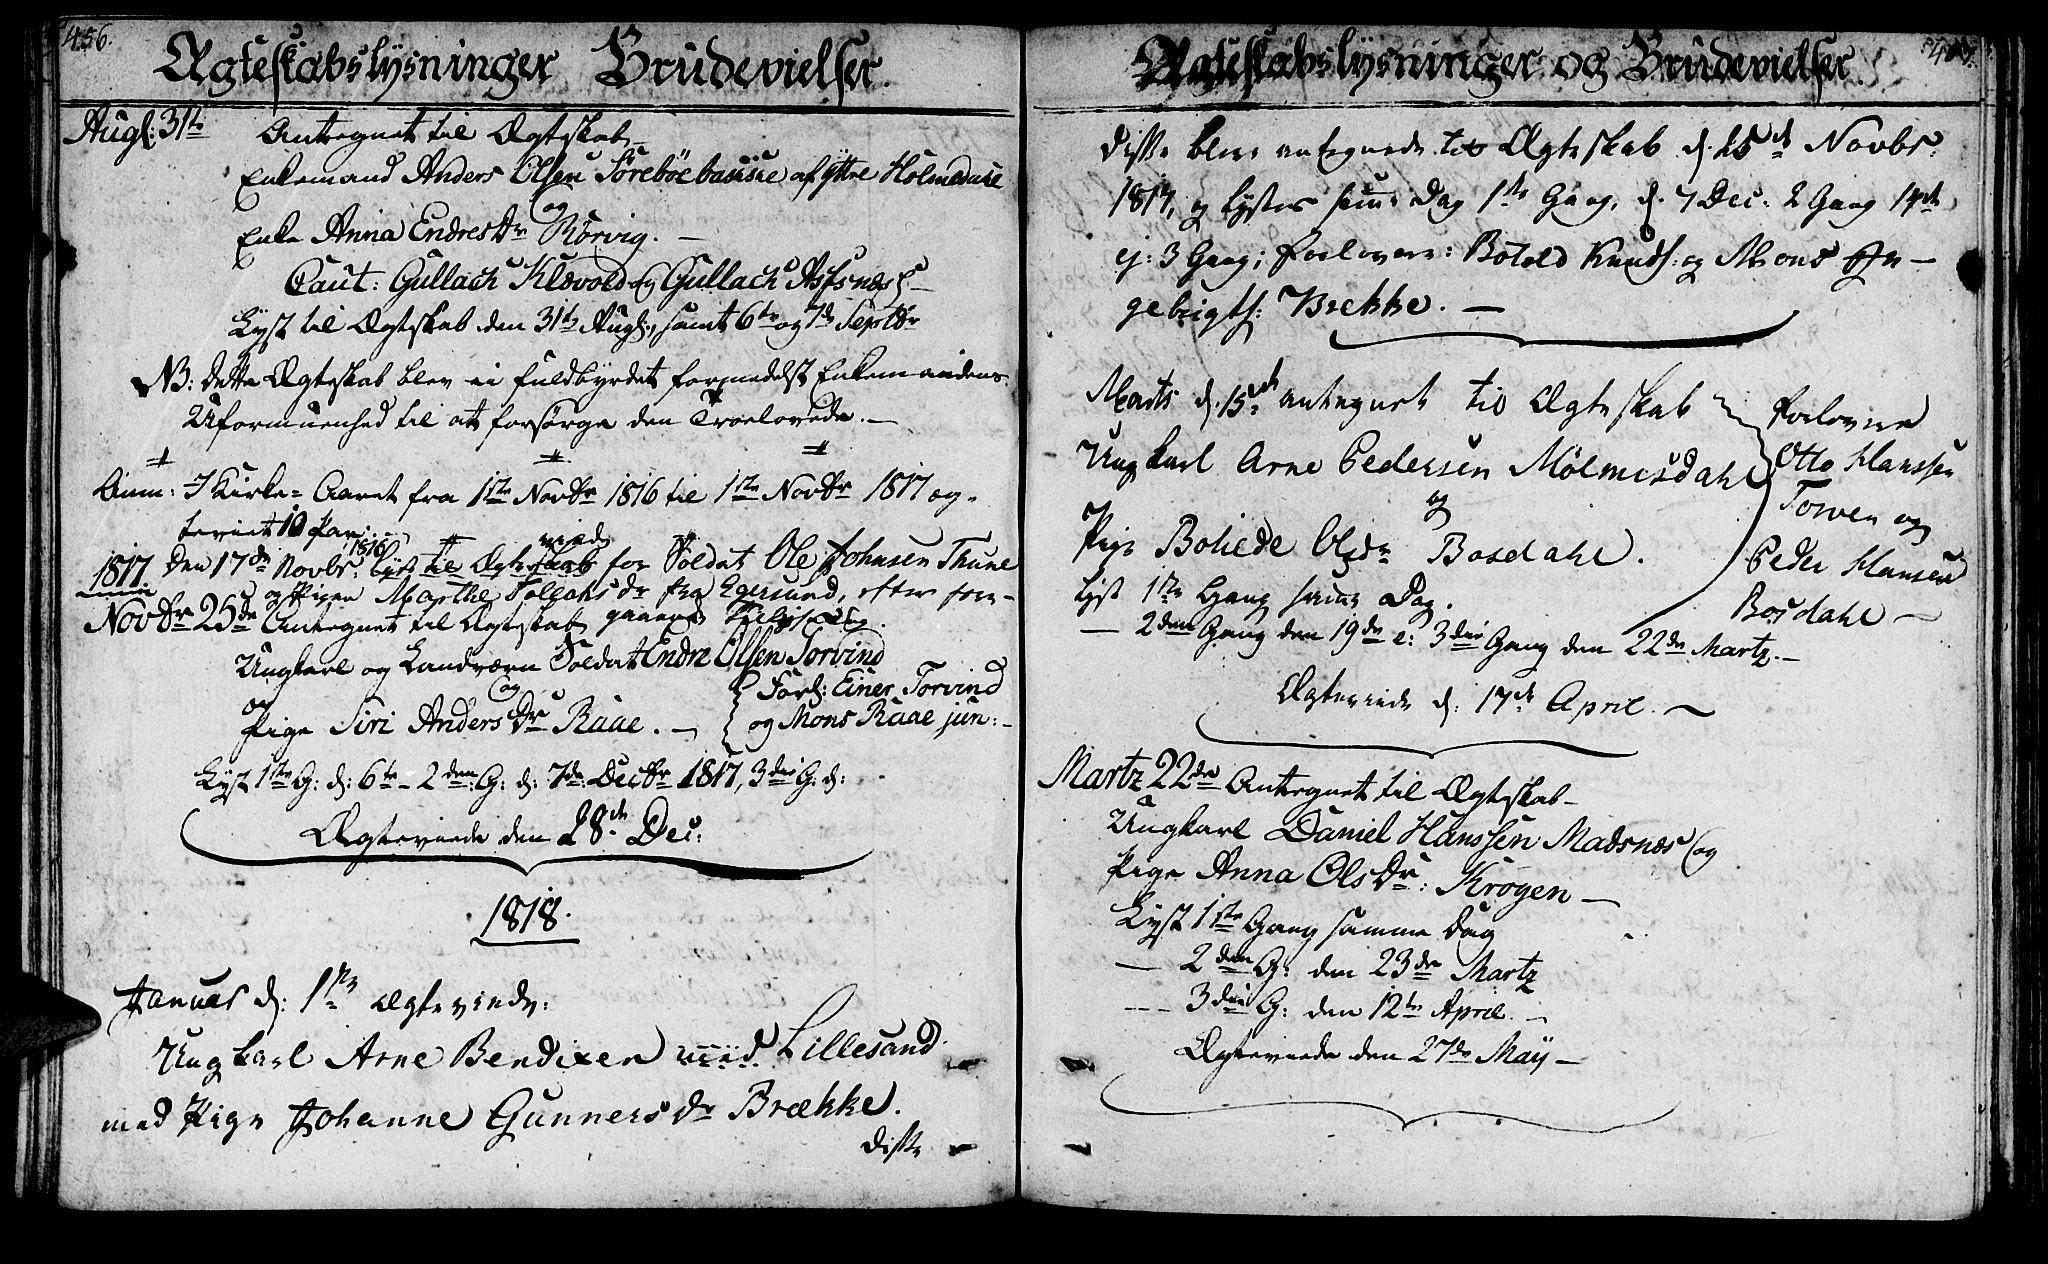 SAB, Lavik Sokneprestembete, Ministerialbok nr. A 1, 1809-1822, s. 456-457